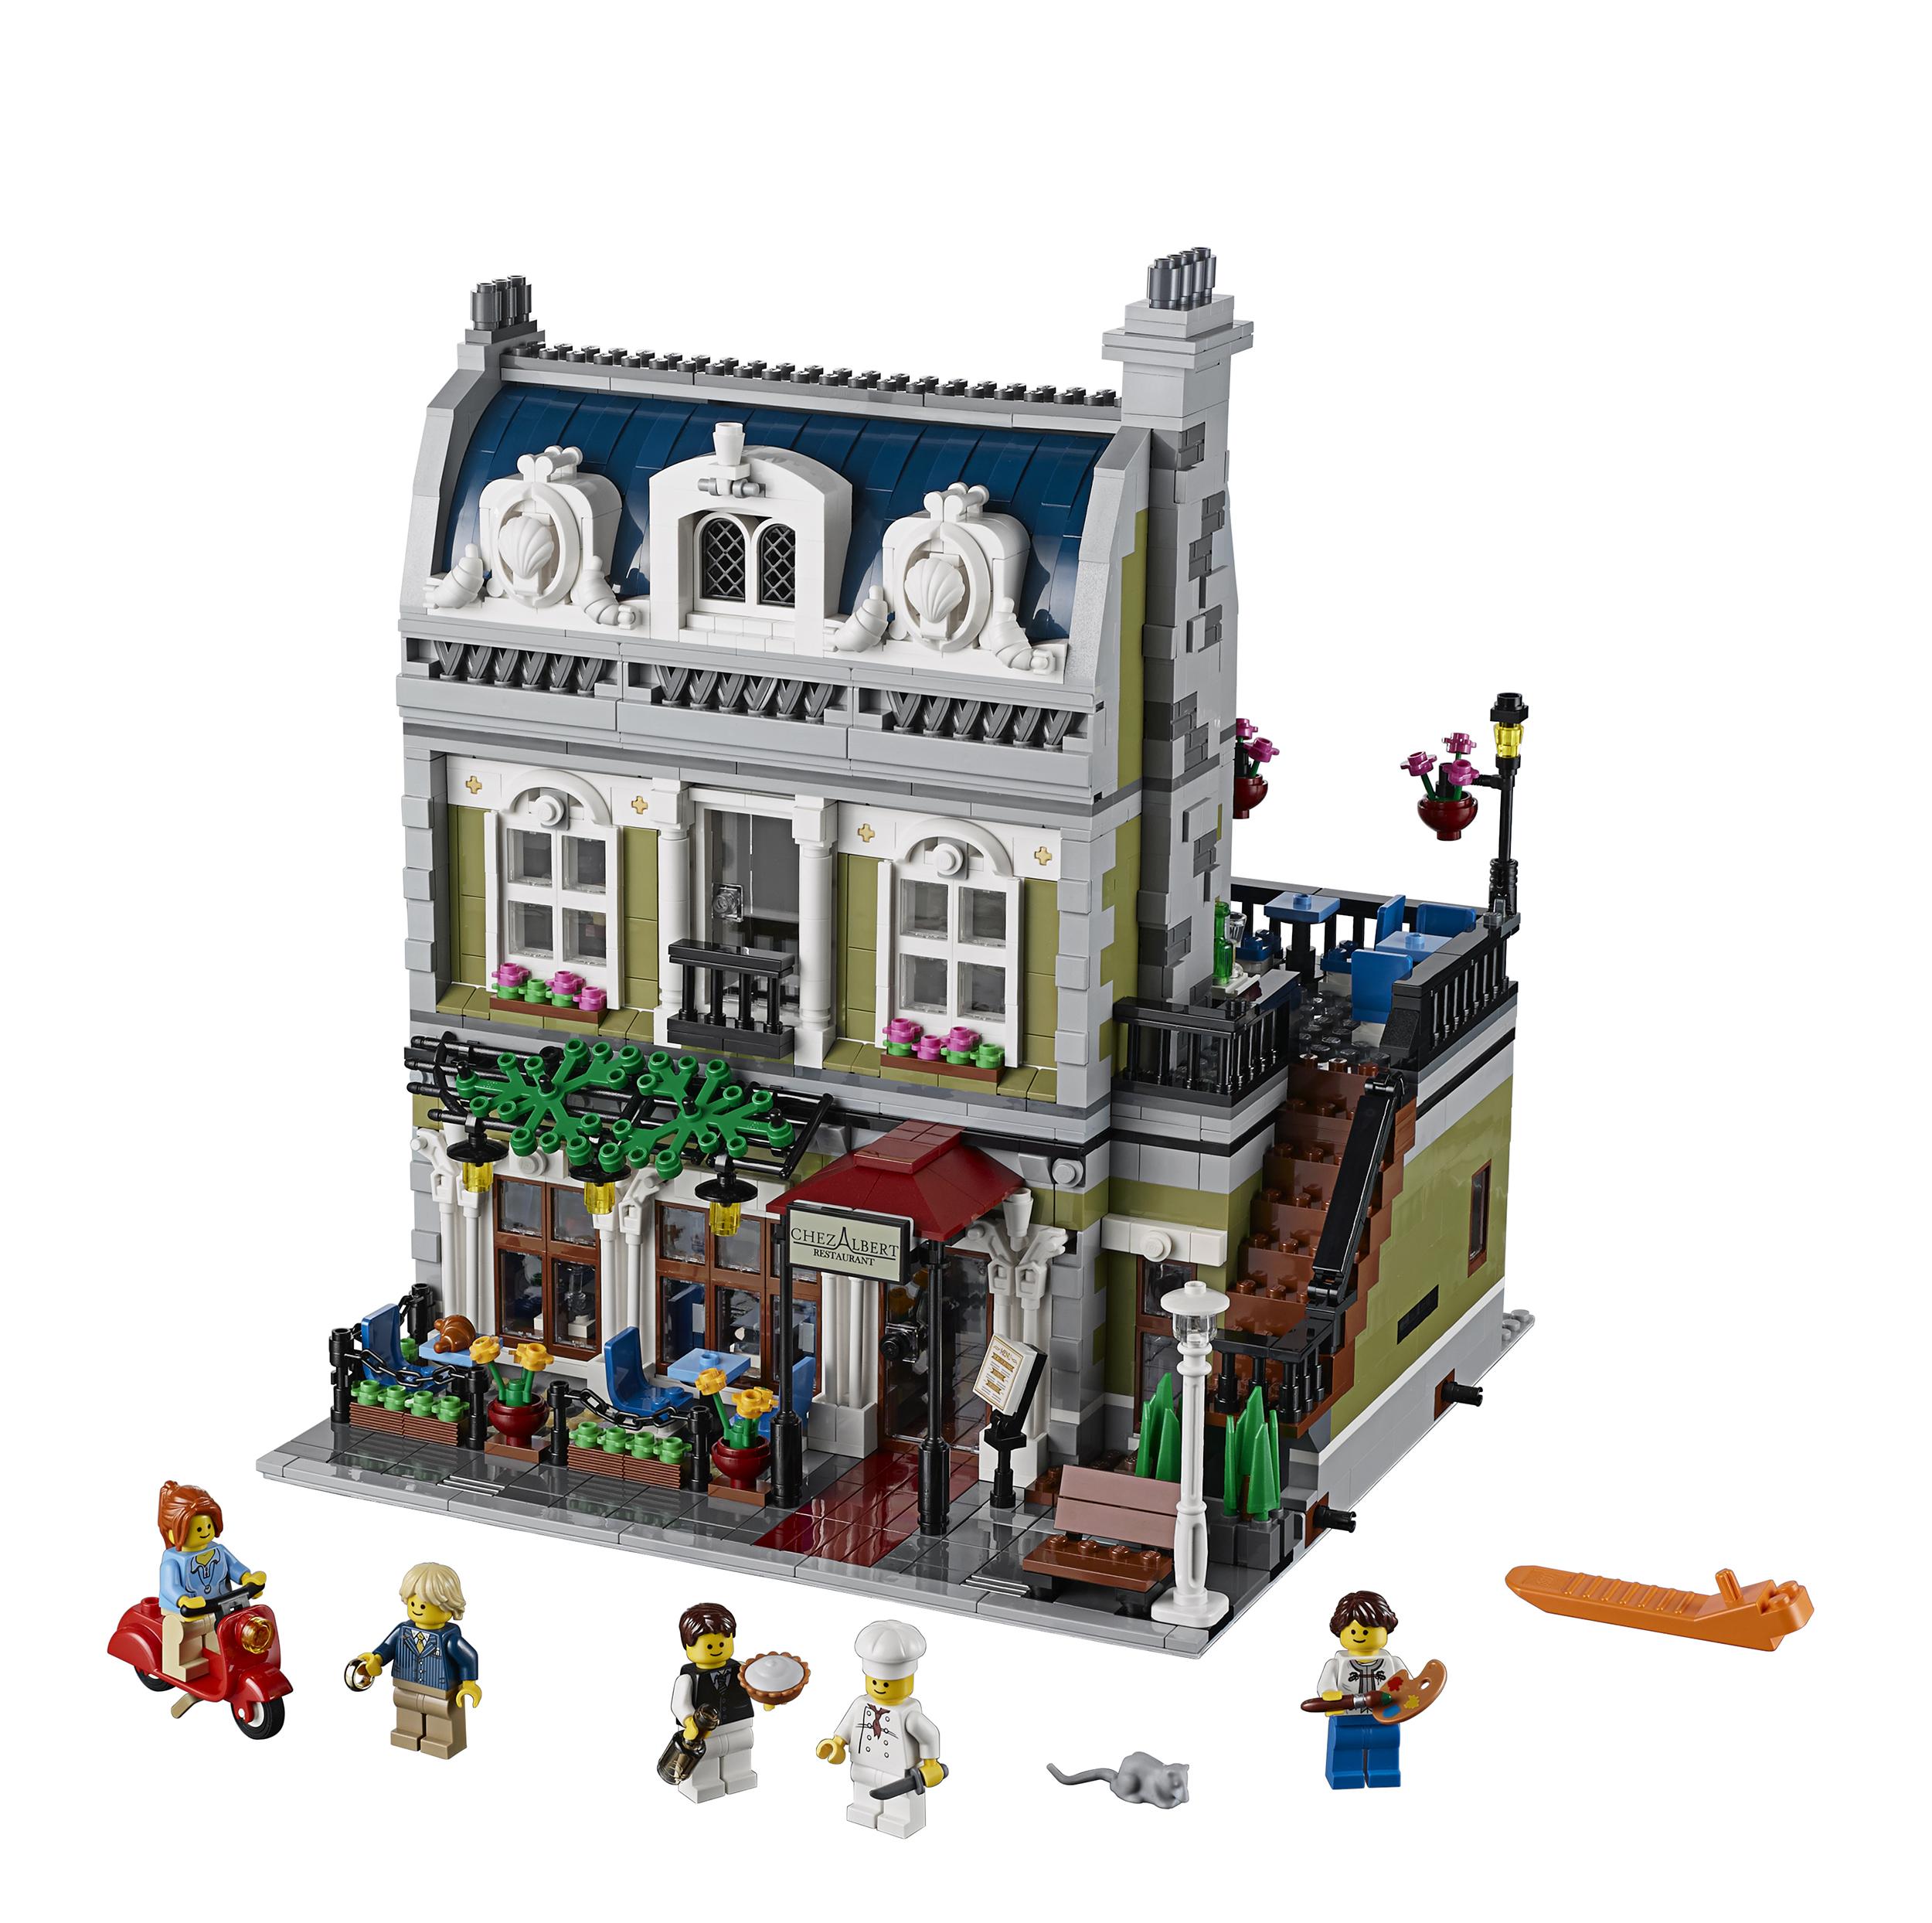 Lego 10243 Modular Parisian Restaurant